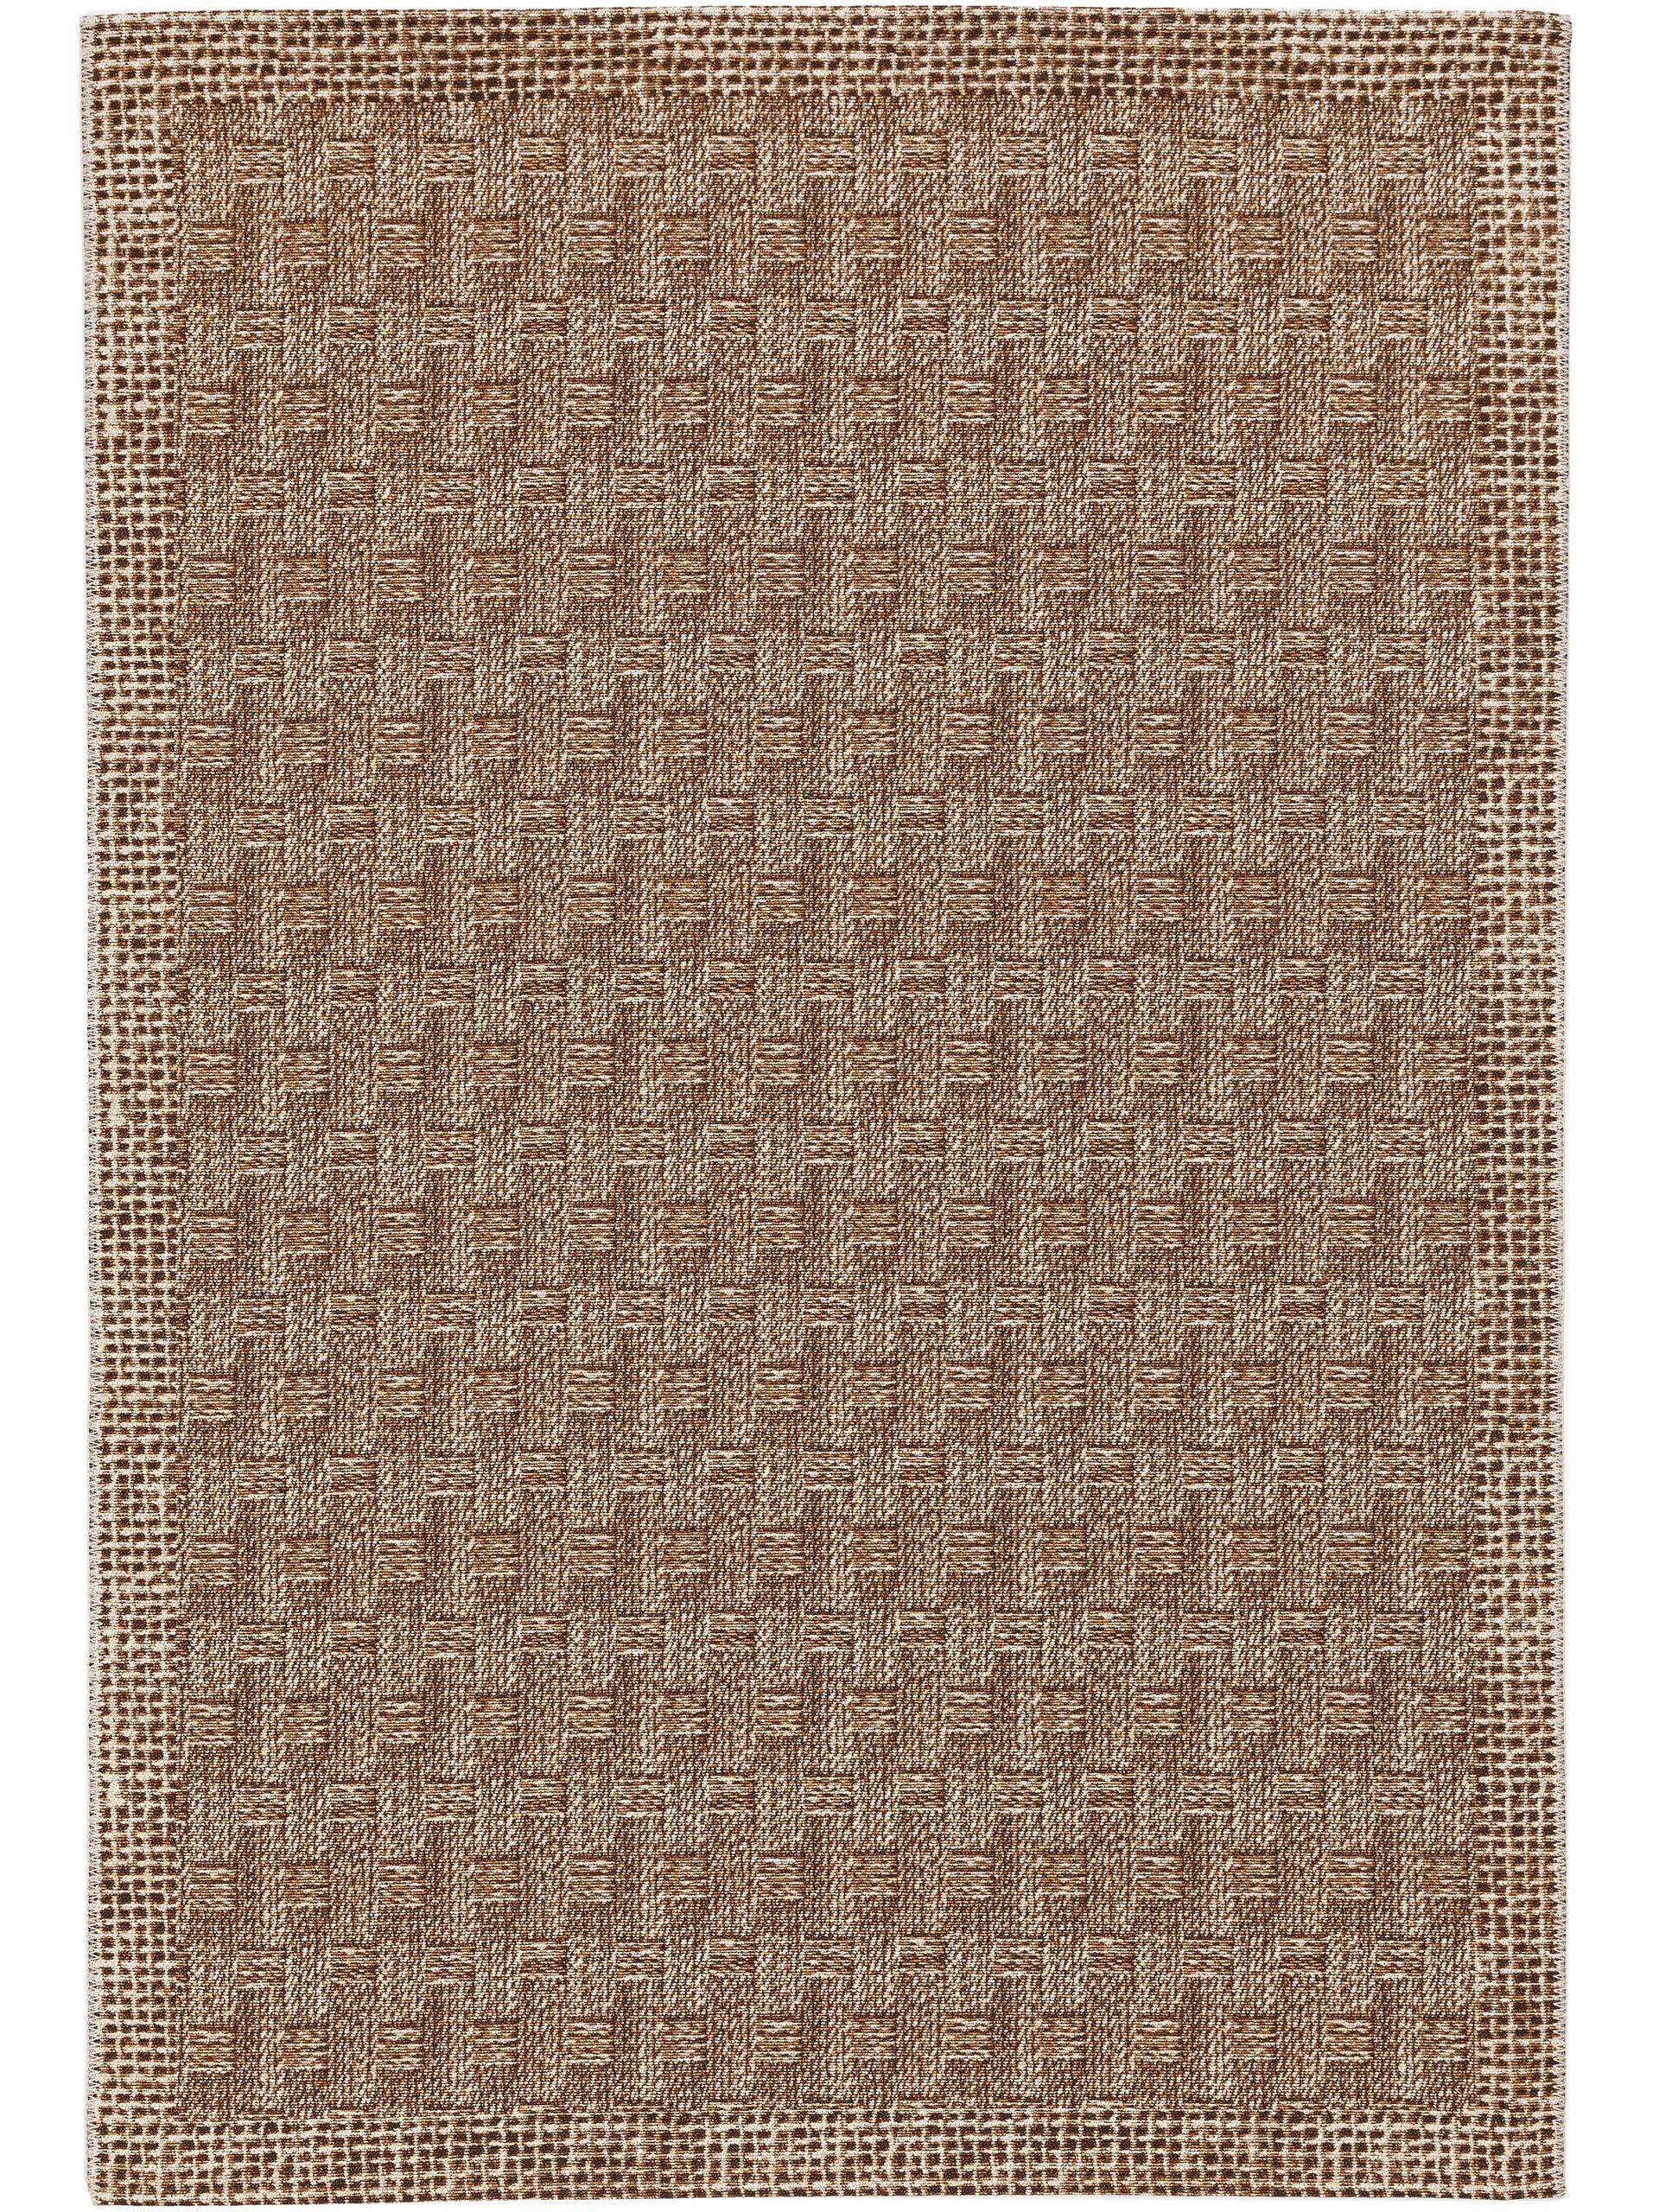 Tapis d'extérieur & intérieur crème/beige 200x285